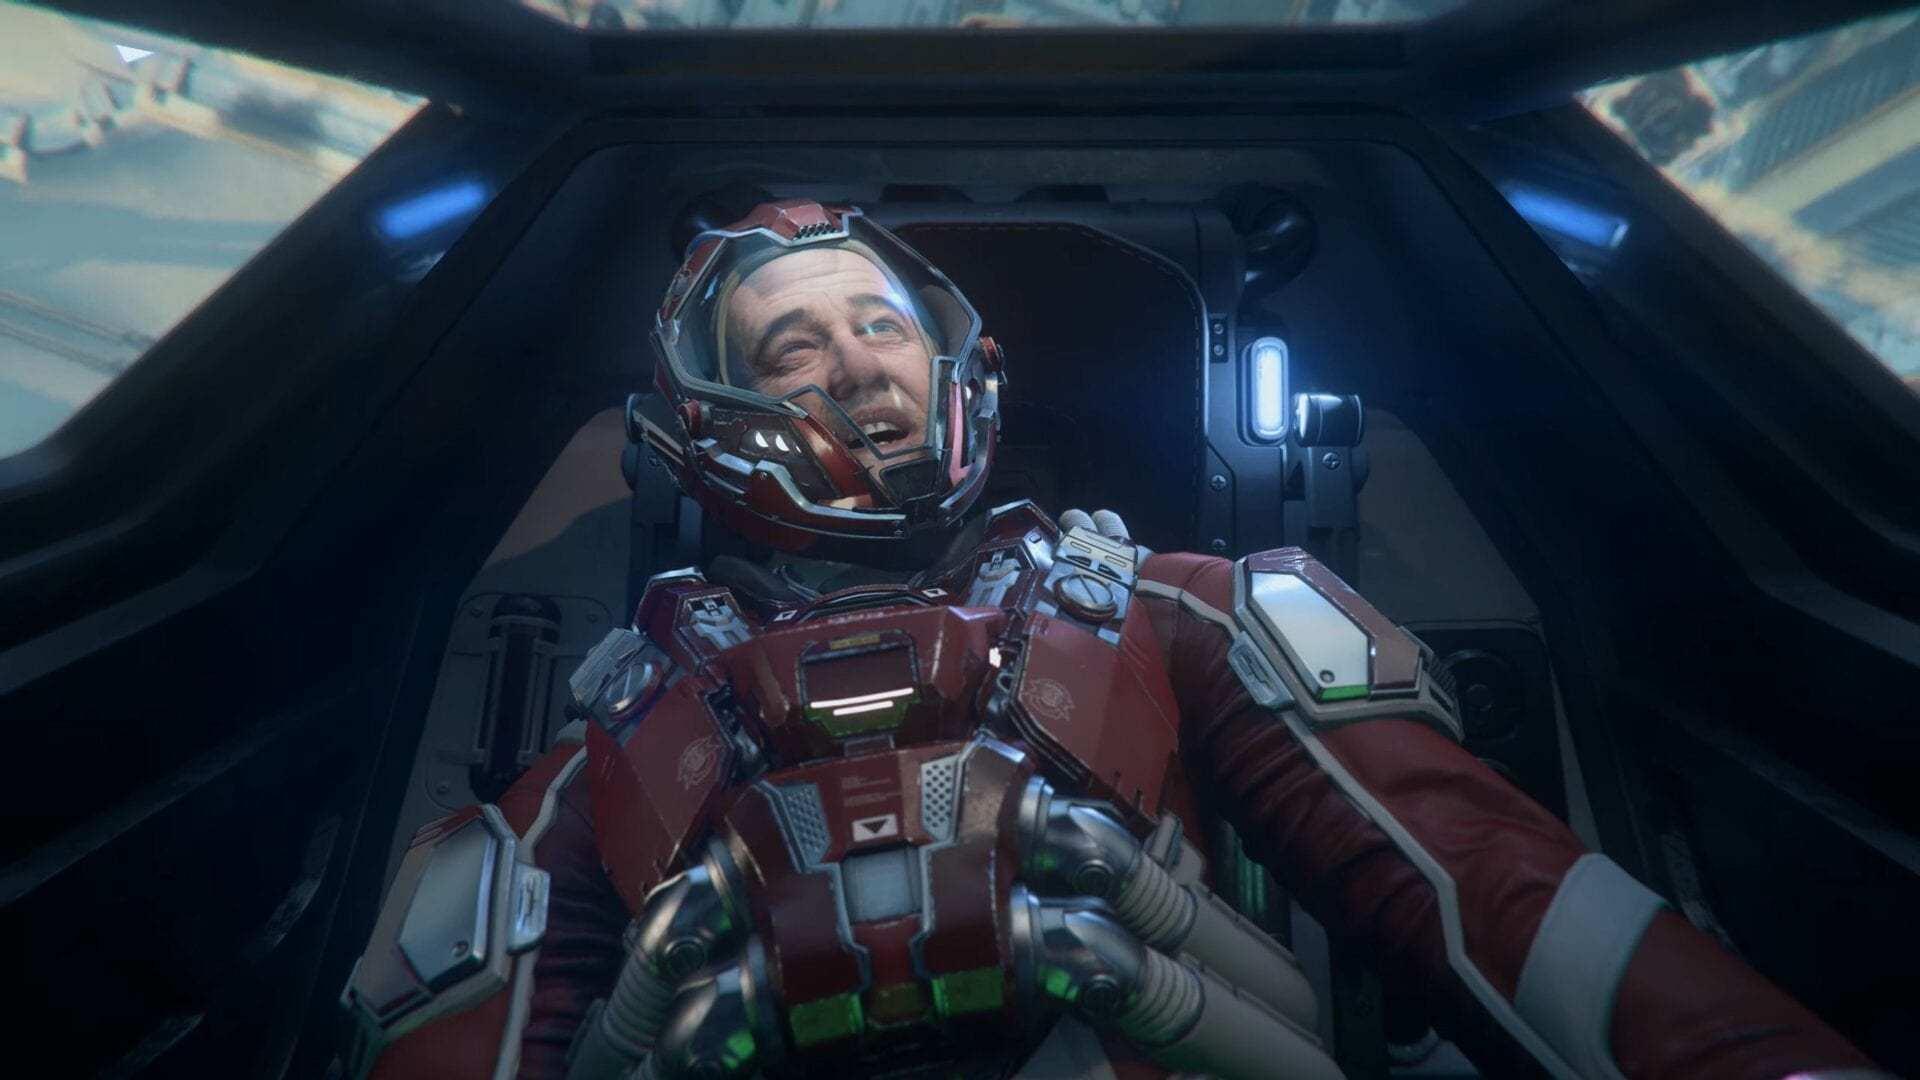 《星际公民》星际航天博览会众筹破3.21亿美元 玩家无法在此次博览会上驾驶F8闪电飞行器